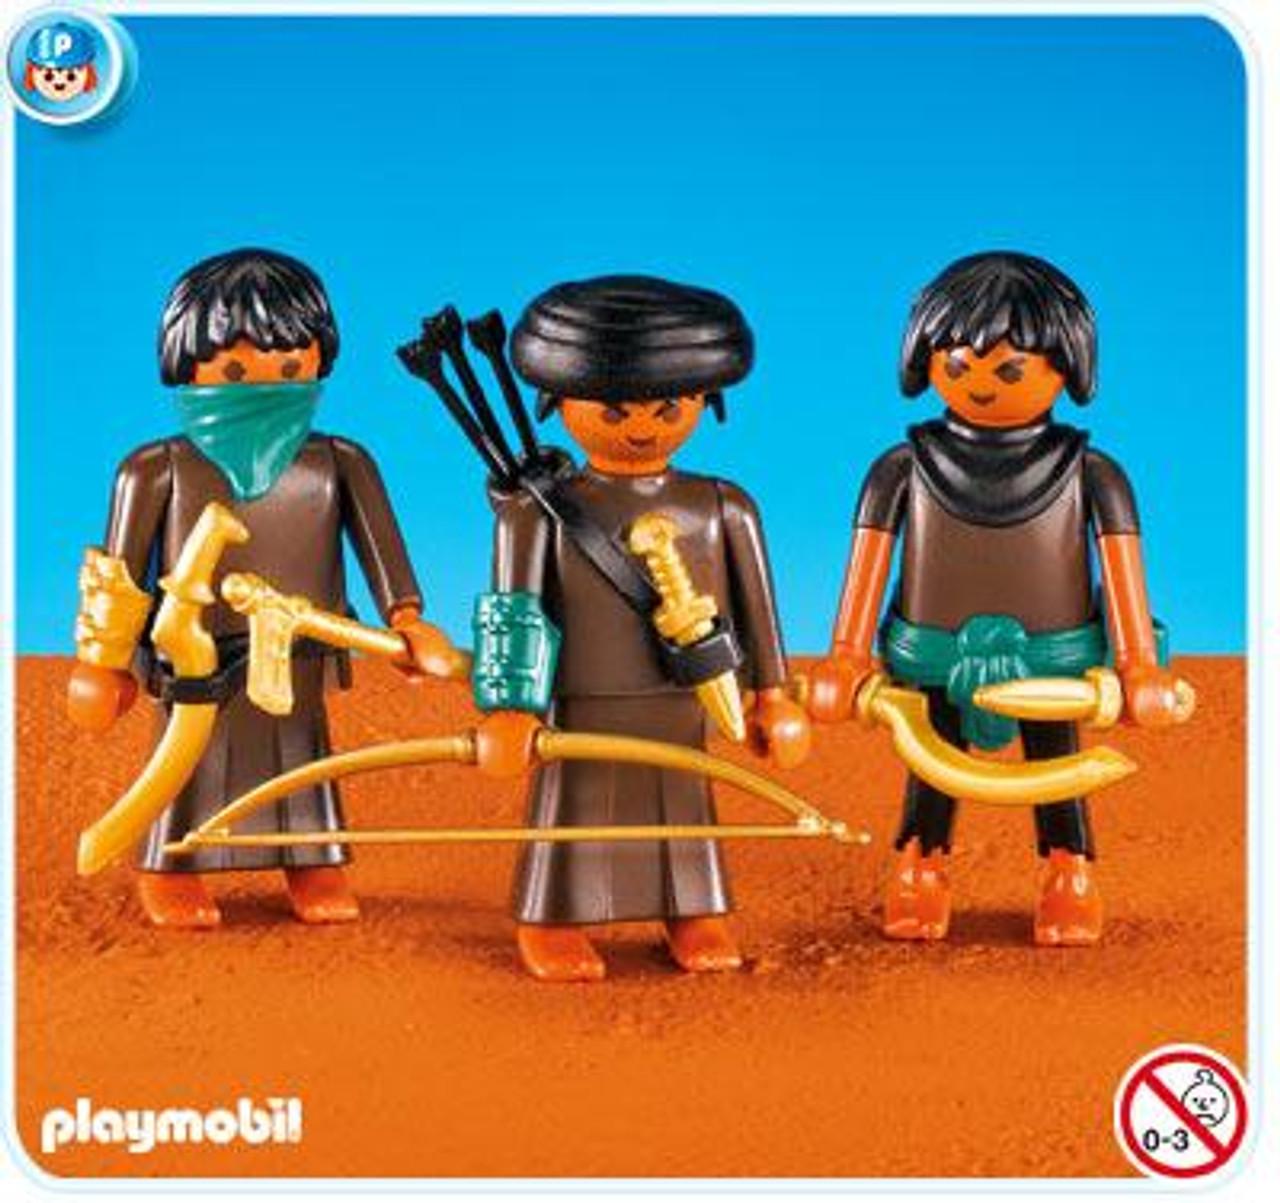 Playmobil romans egyptians 3 grave robbers set 7462 toywiz - Playmobil egyptien ...